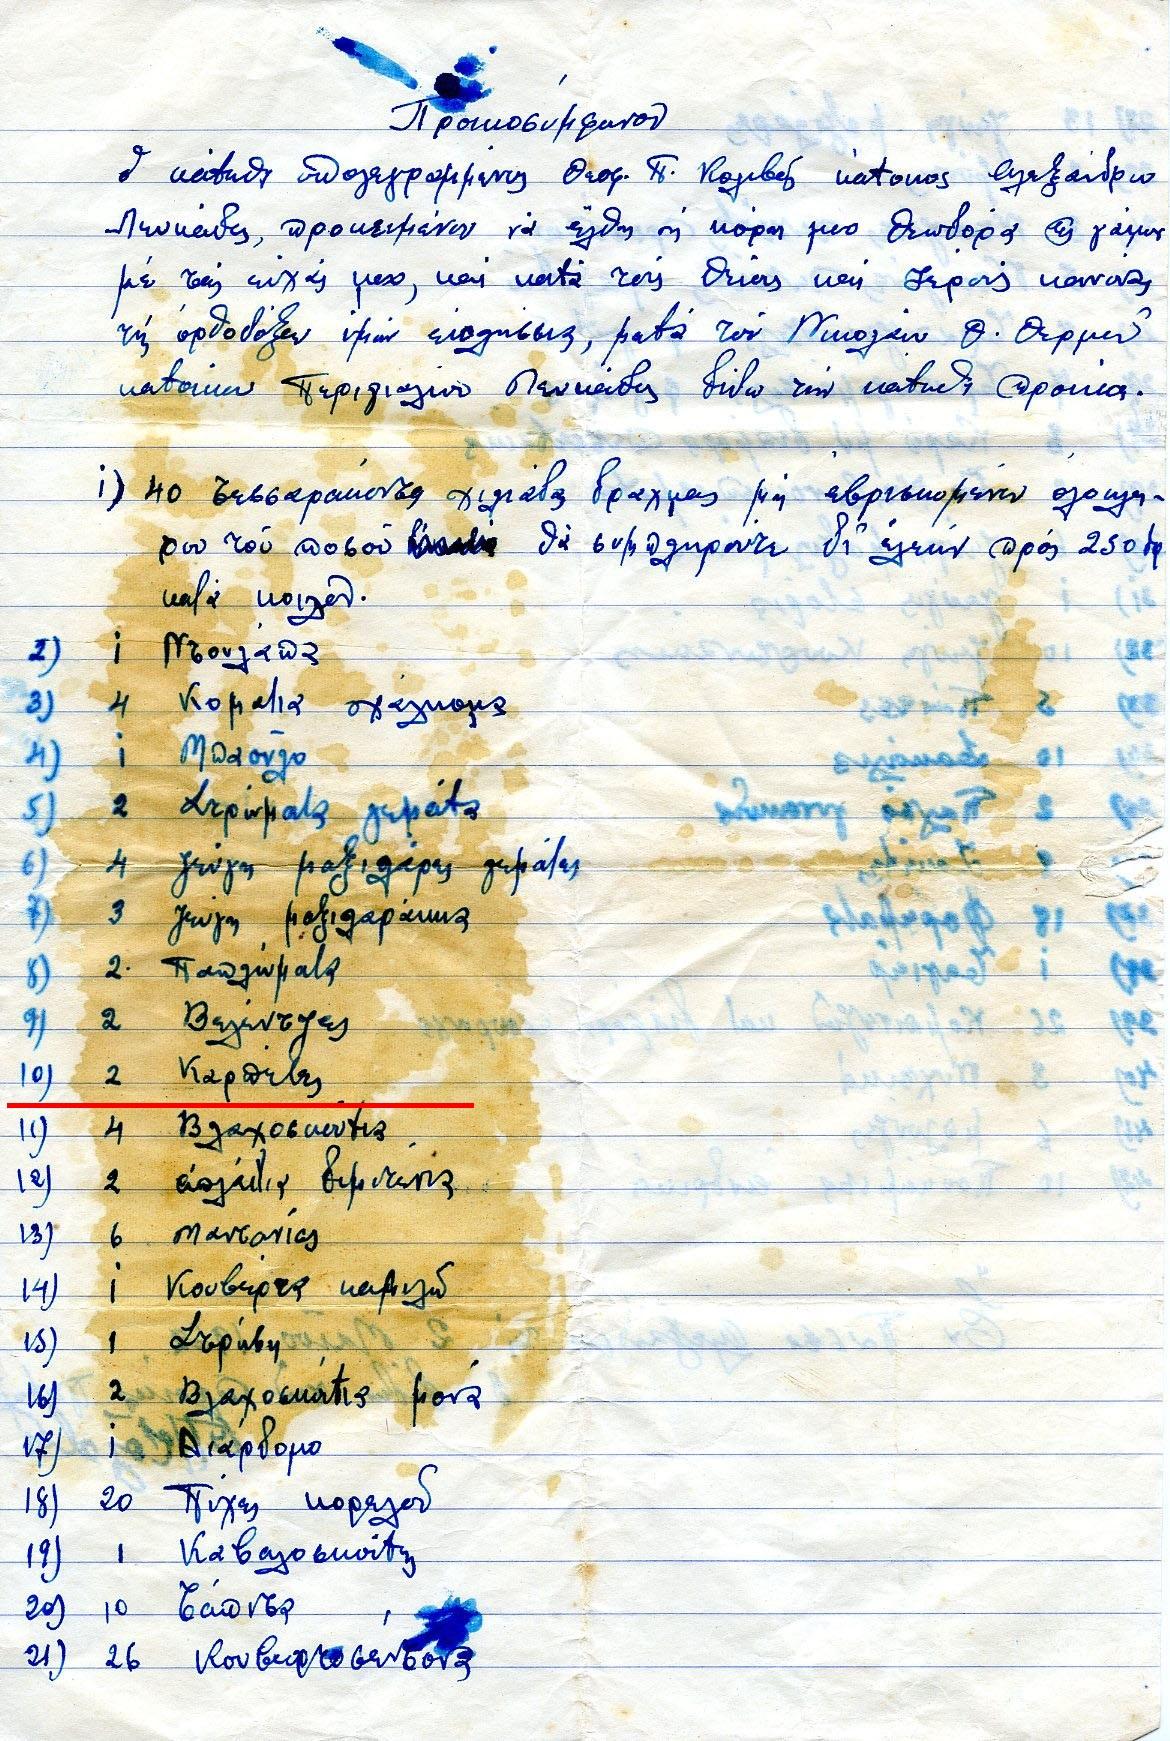 1_proikosymfono_1962_Alexandros